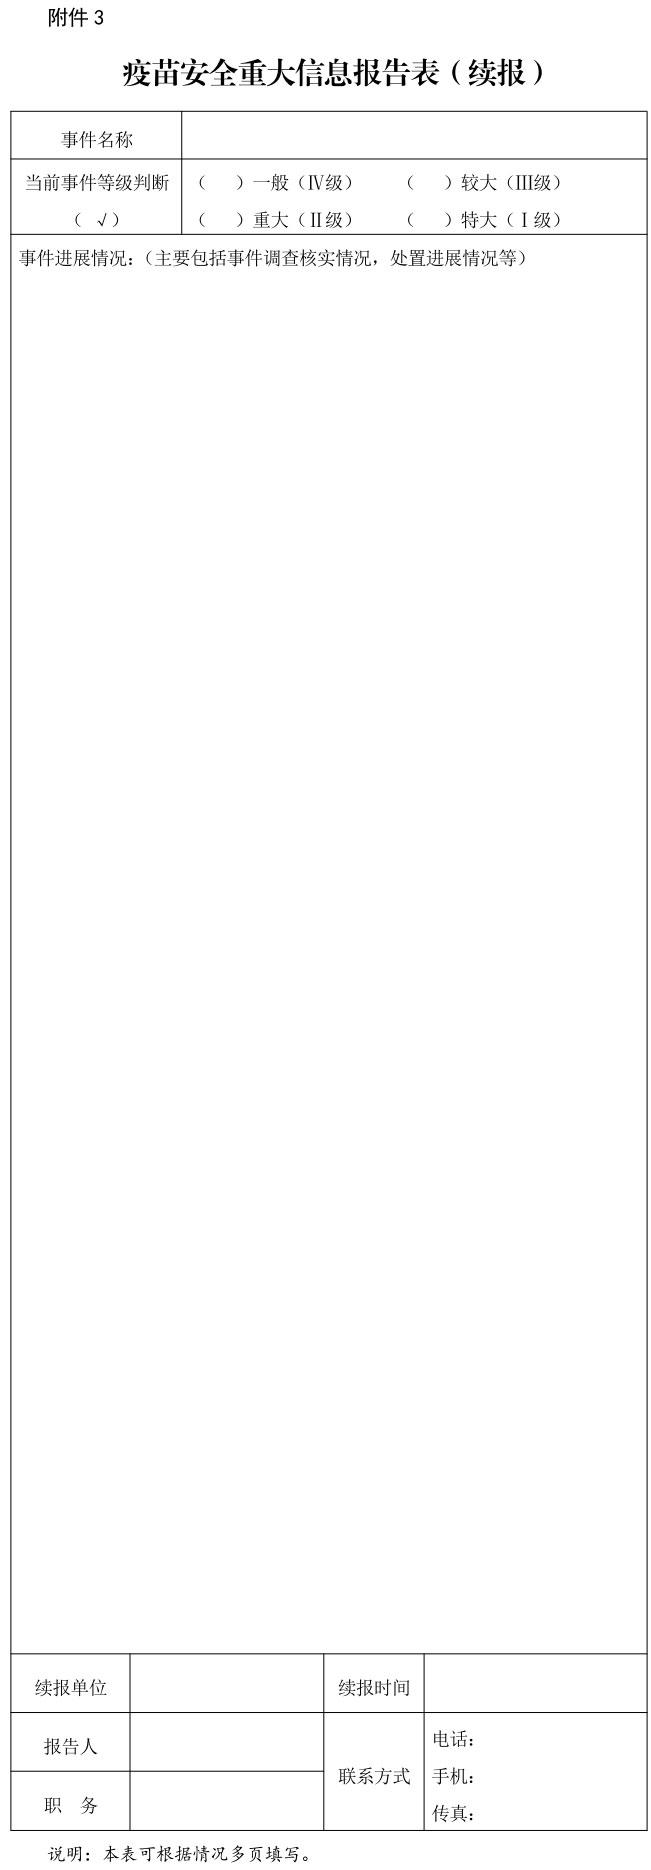 附件3.jpg